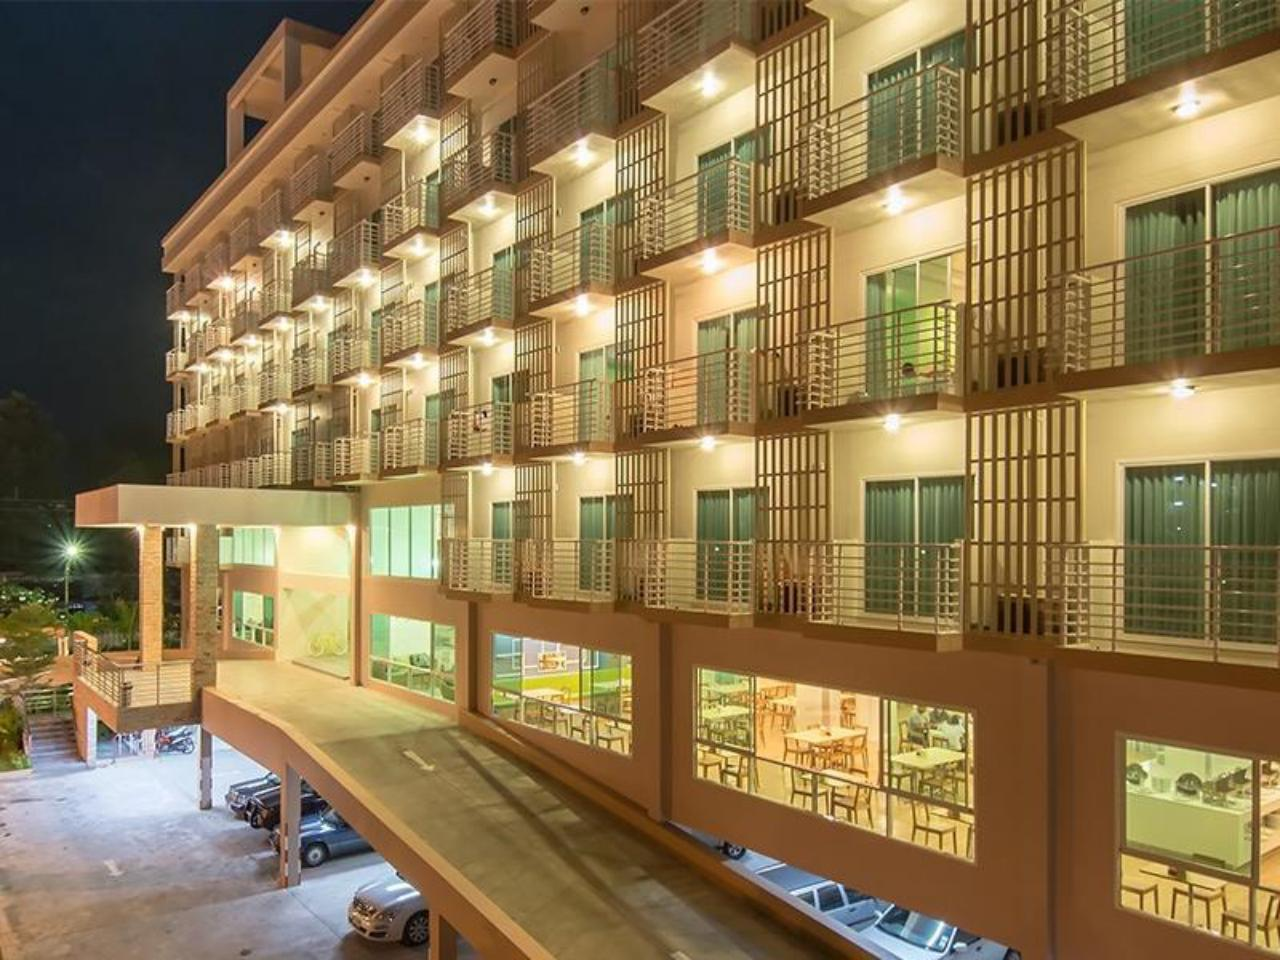 ประจวบ แกรนด์ โฮเต็ล (Prachuap Grand Hotel)